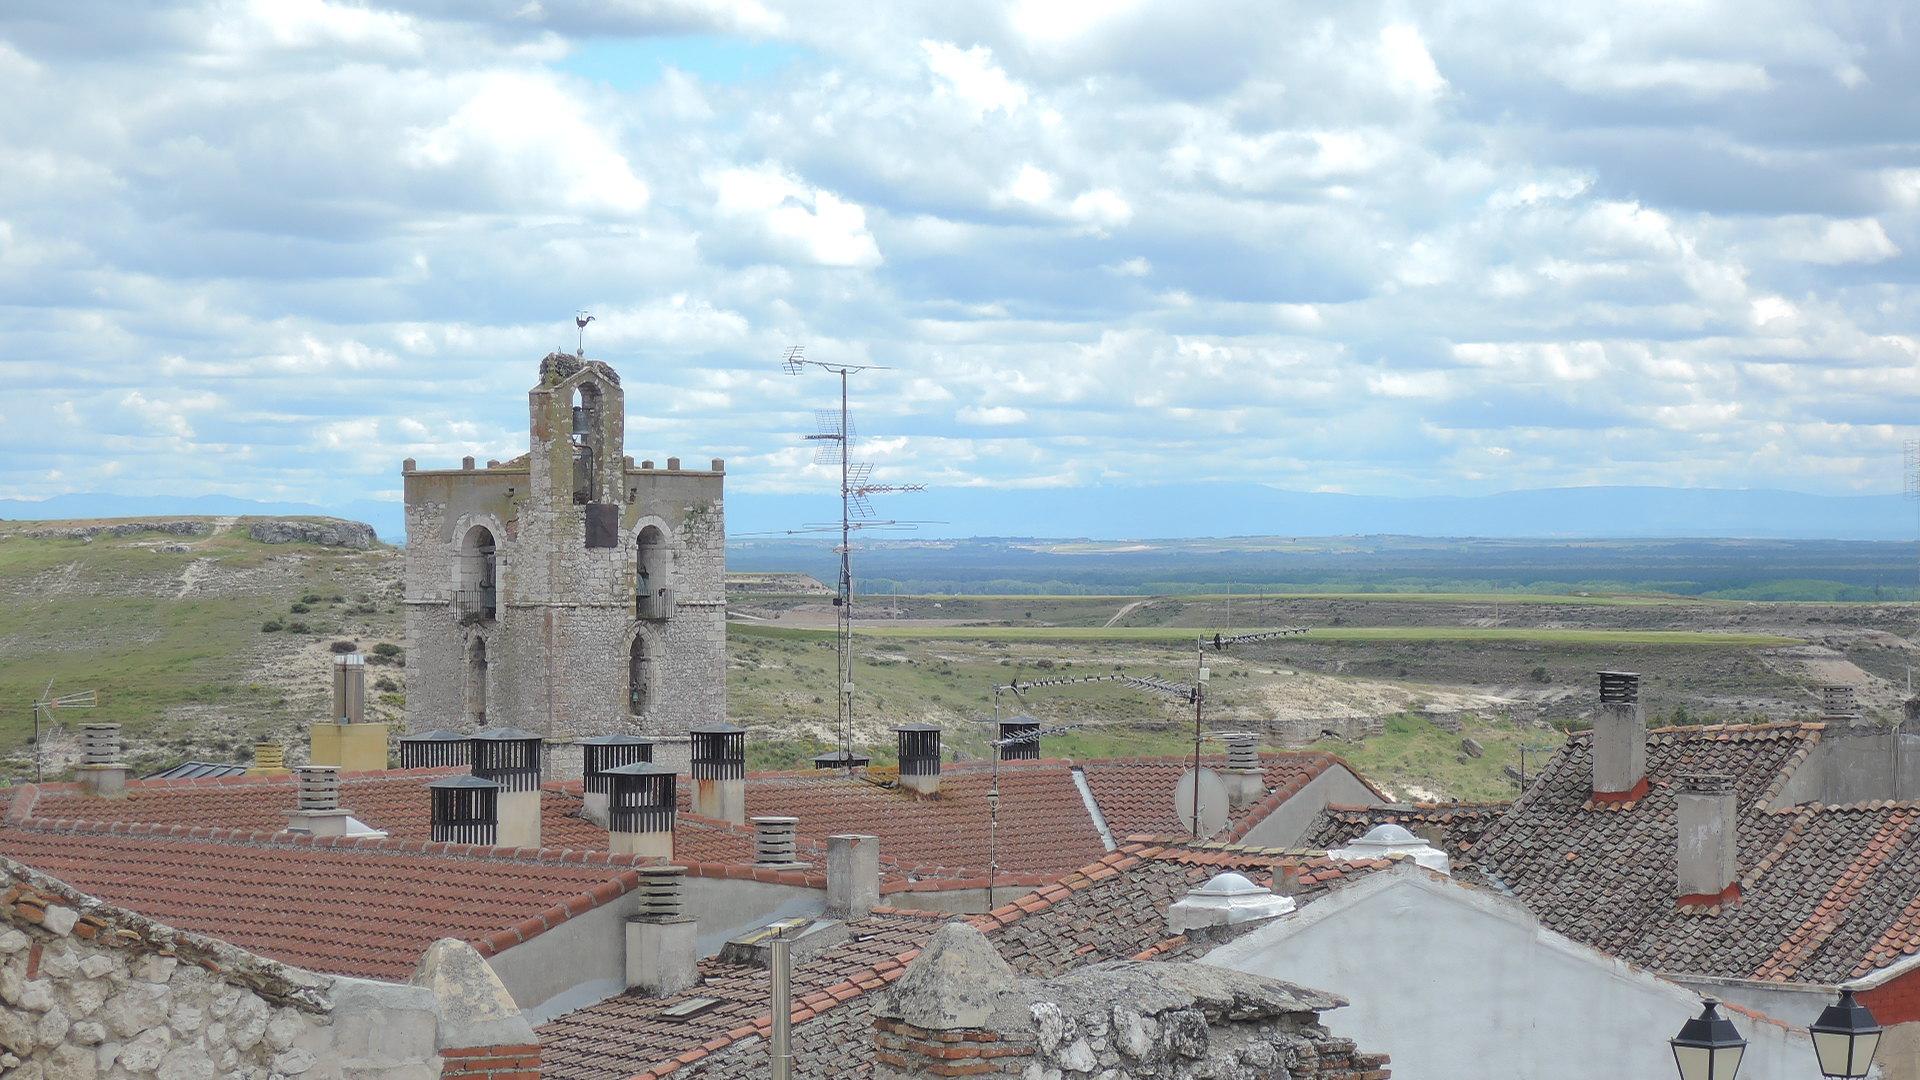 Vista de la villa baja desde la mesetilla donde se ubica el castillo.